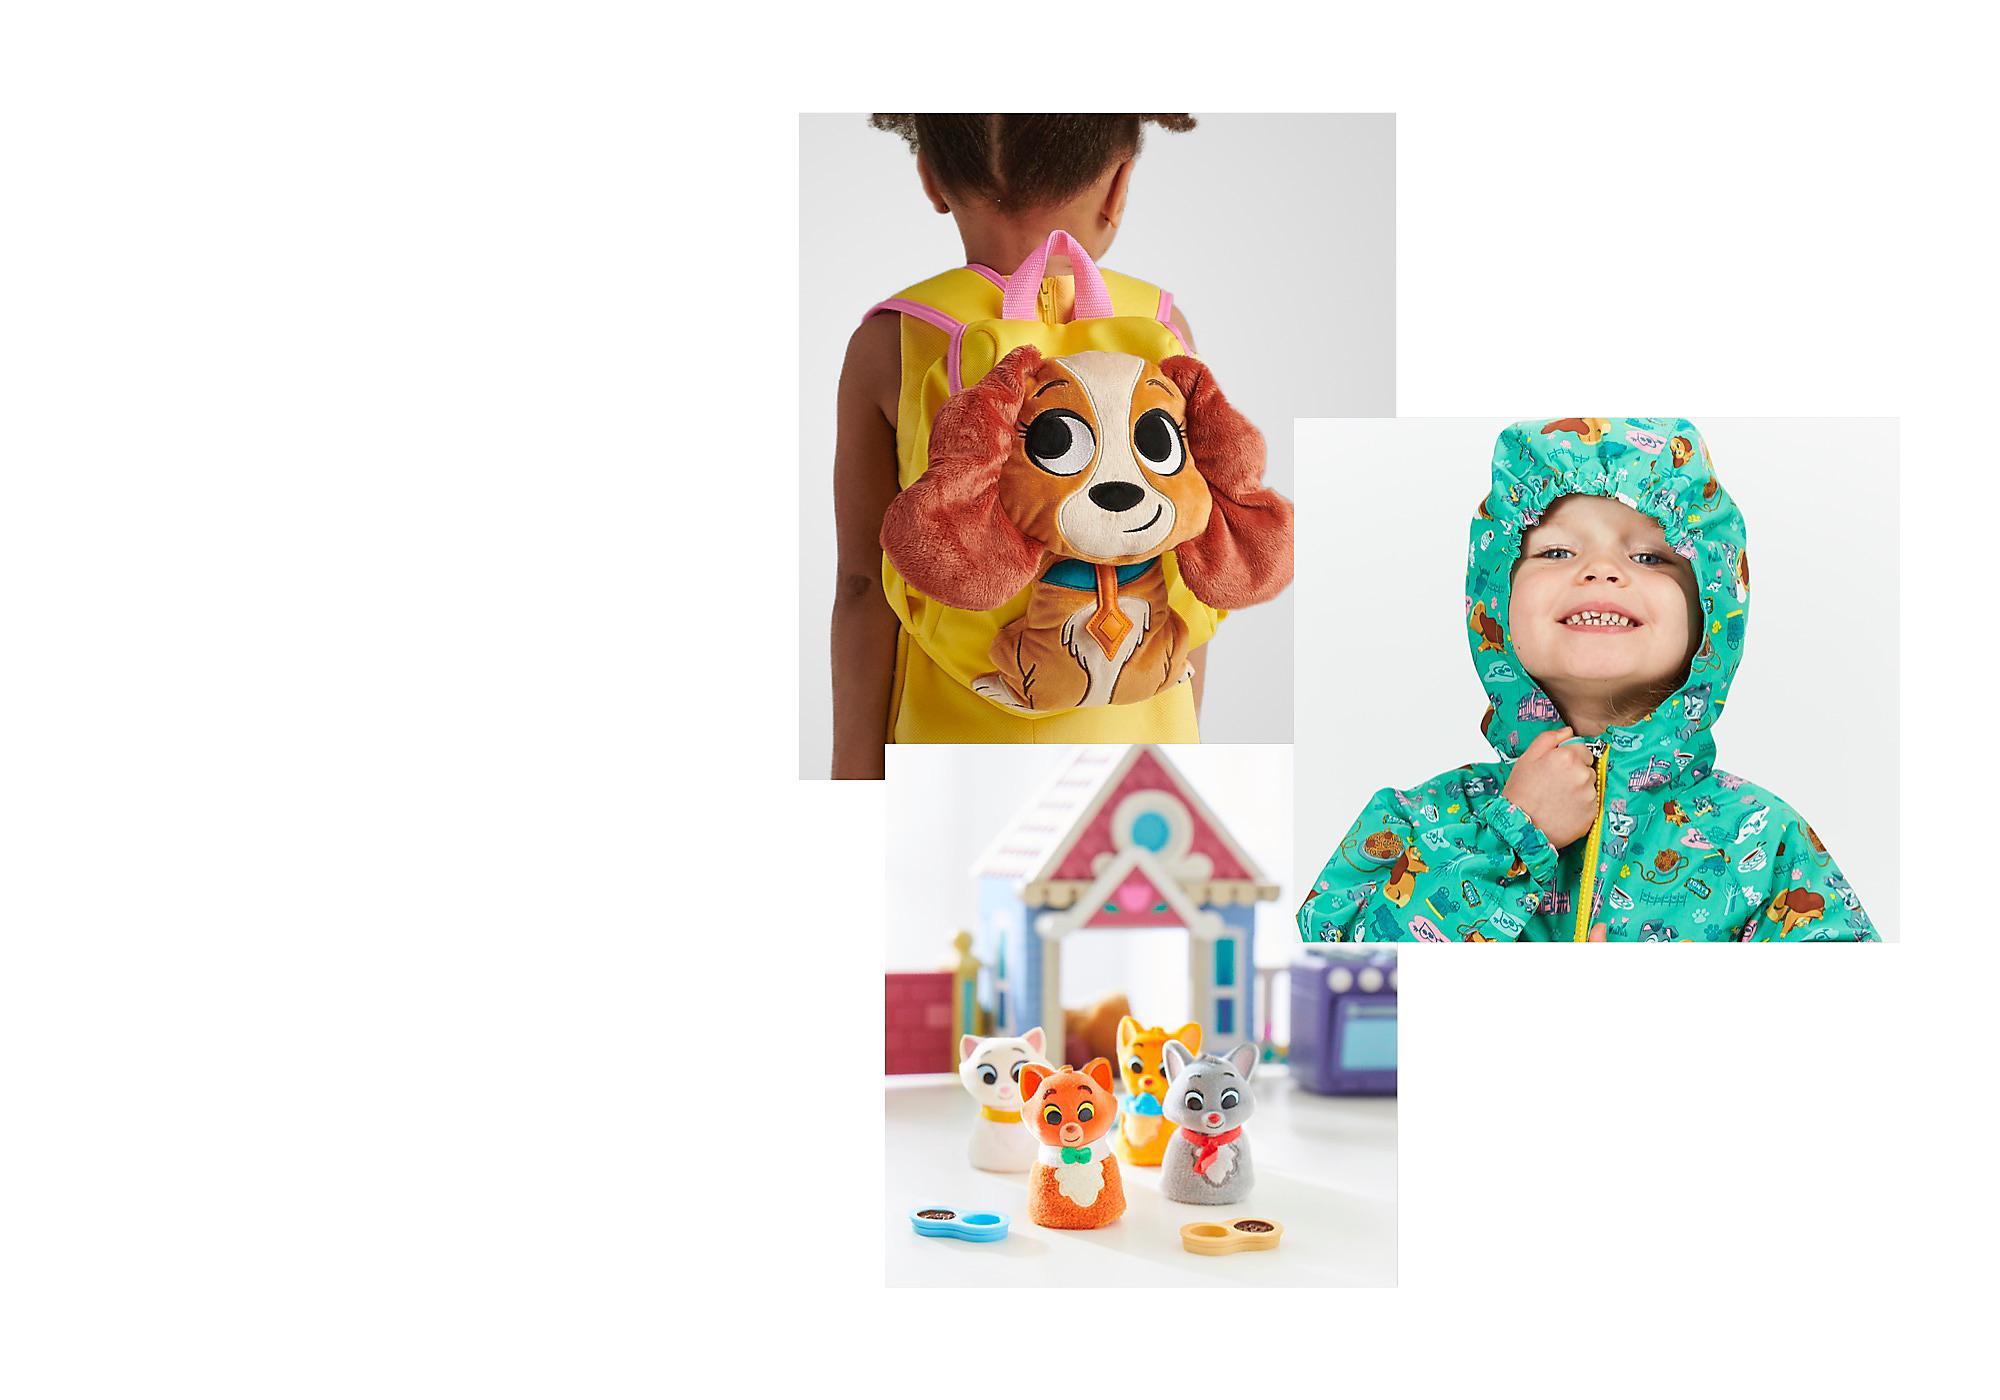 Flauschige Freunde für die Ewigkeit! Plüschtiere, Spielzeug und Keidung aus der neue exklusive Furrytale Kollektion. MEHR ENTDECKEN